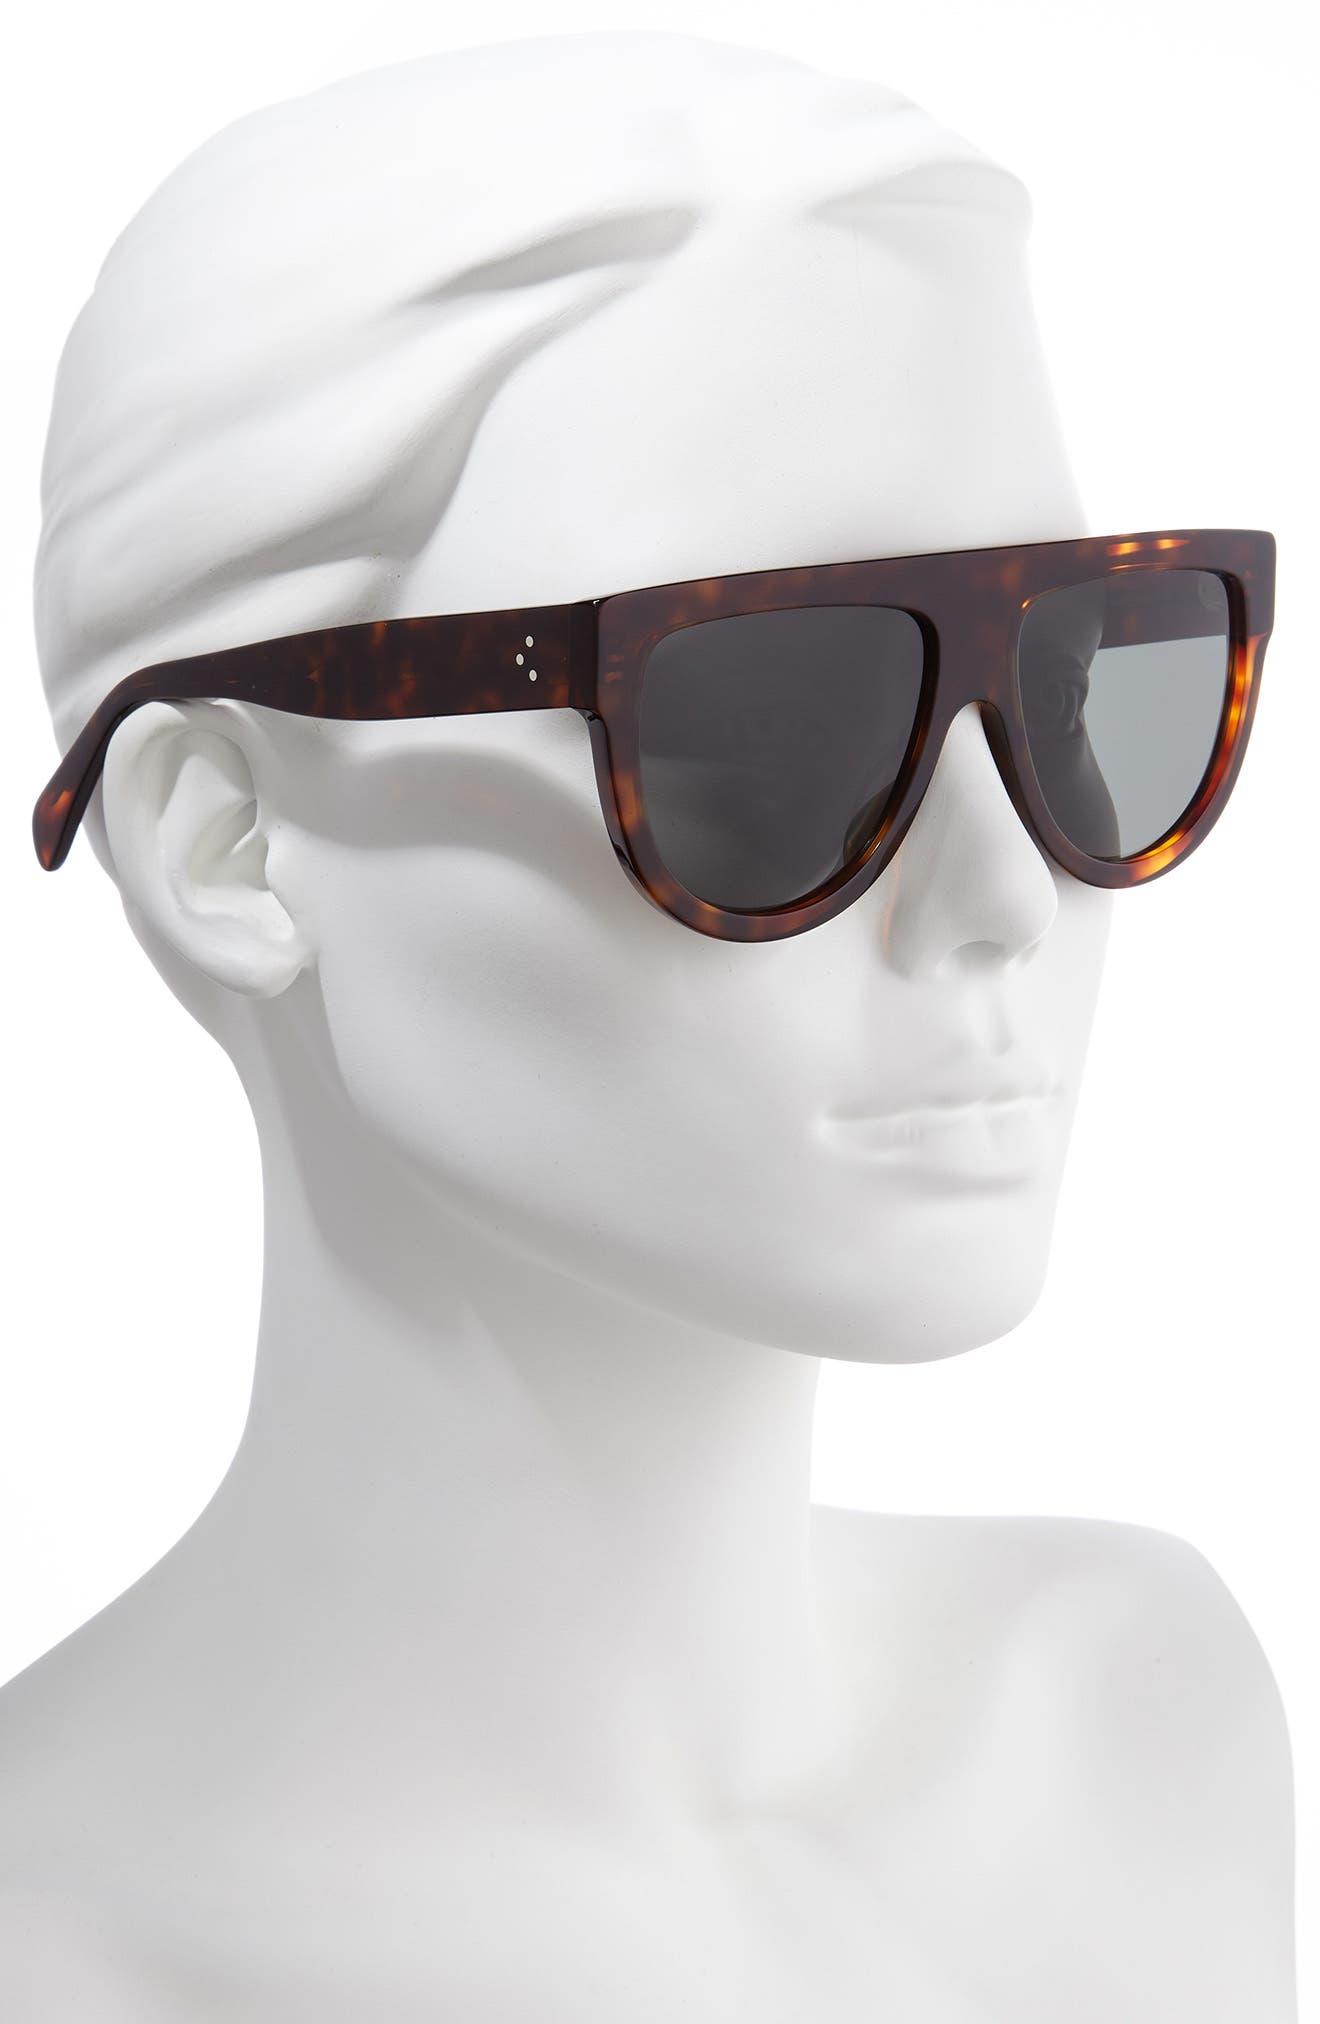 03c7bb73b2 CELINE Sunglasses for Women